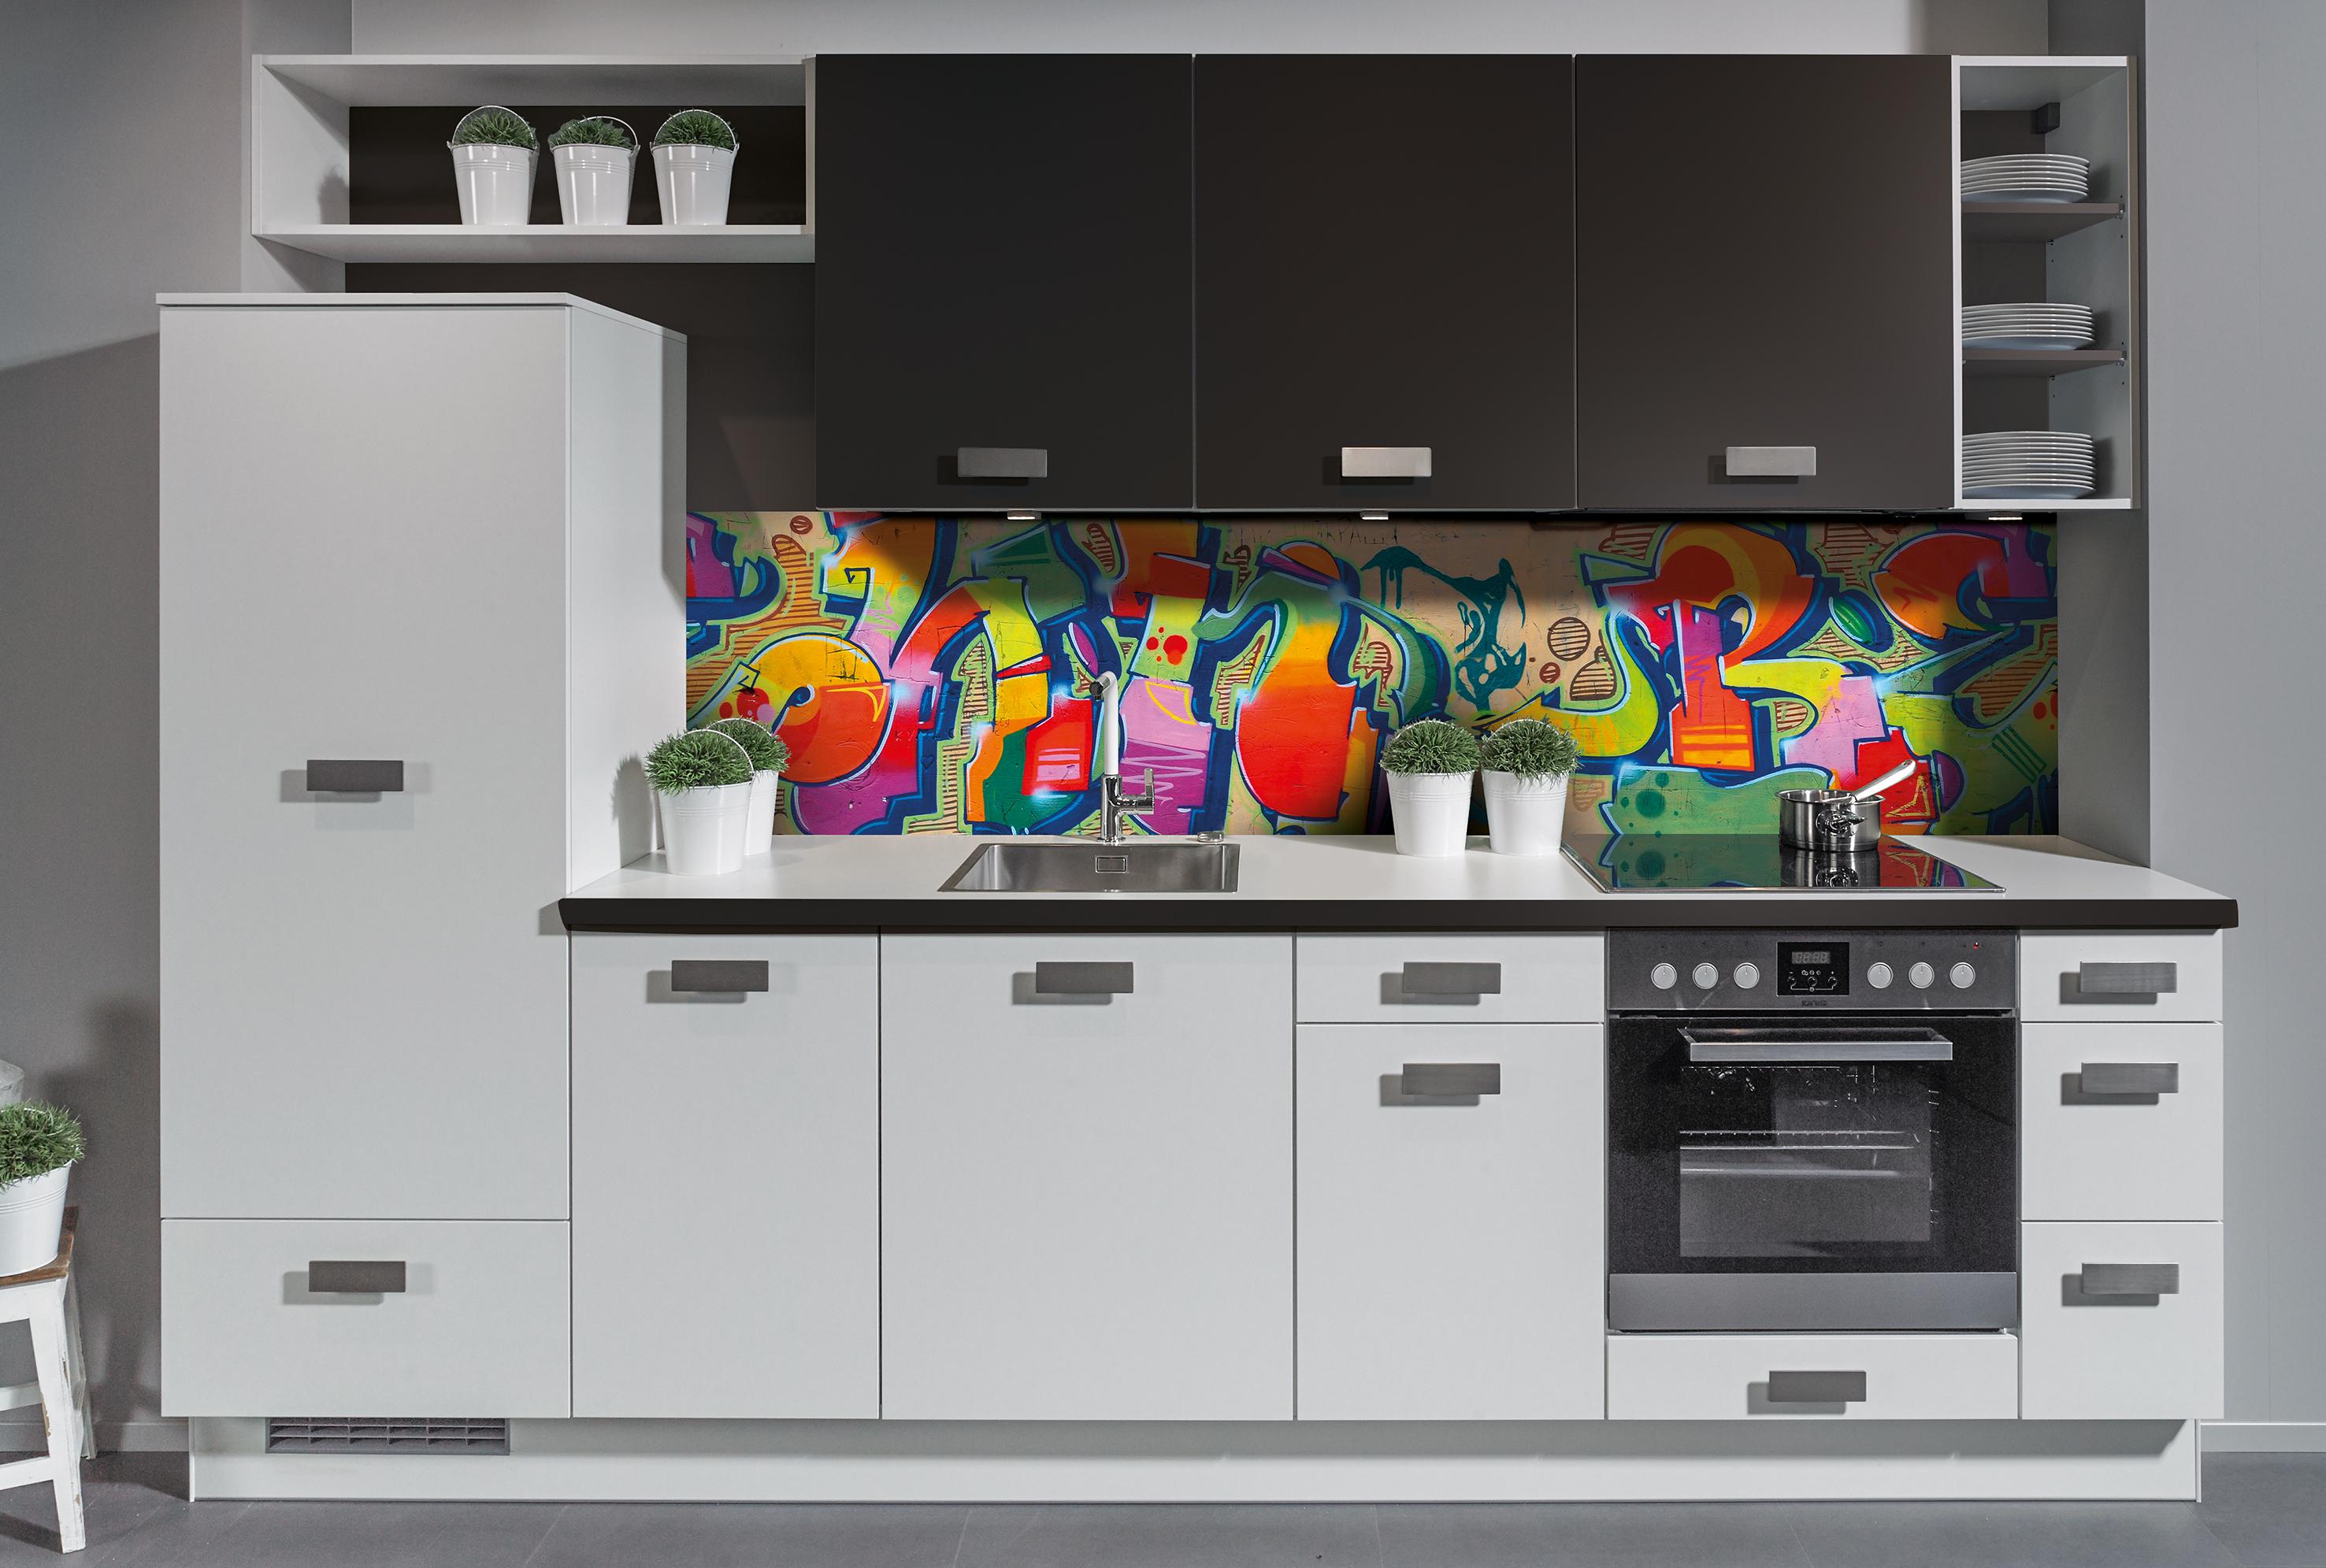 Wunderbar Küchen Brilon Dekoration Von Neuer Arbeitsplattenkante In Schwarz. Einen Eyecatcher Schafft